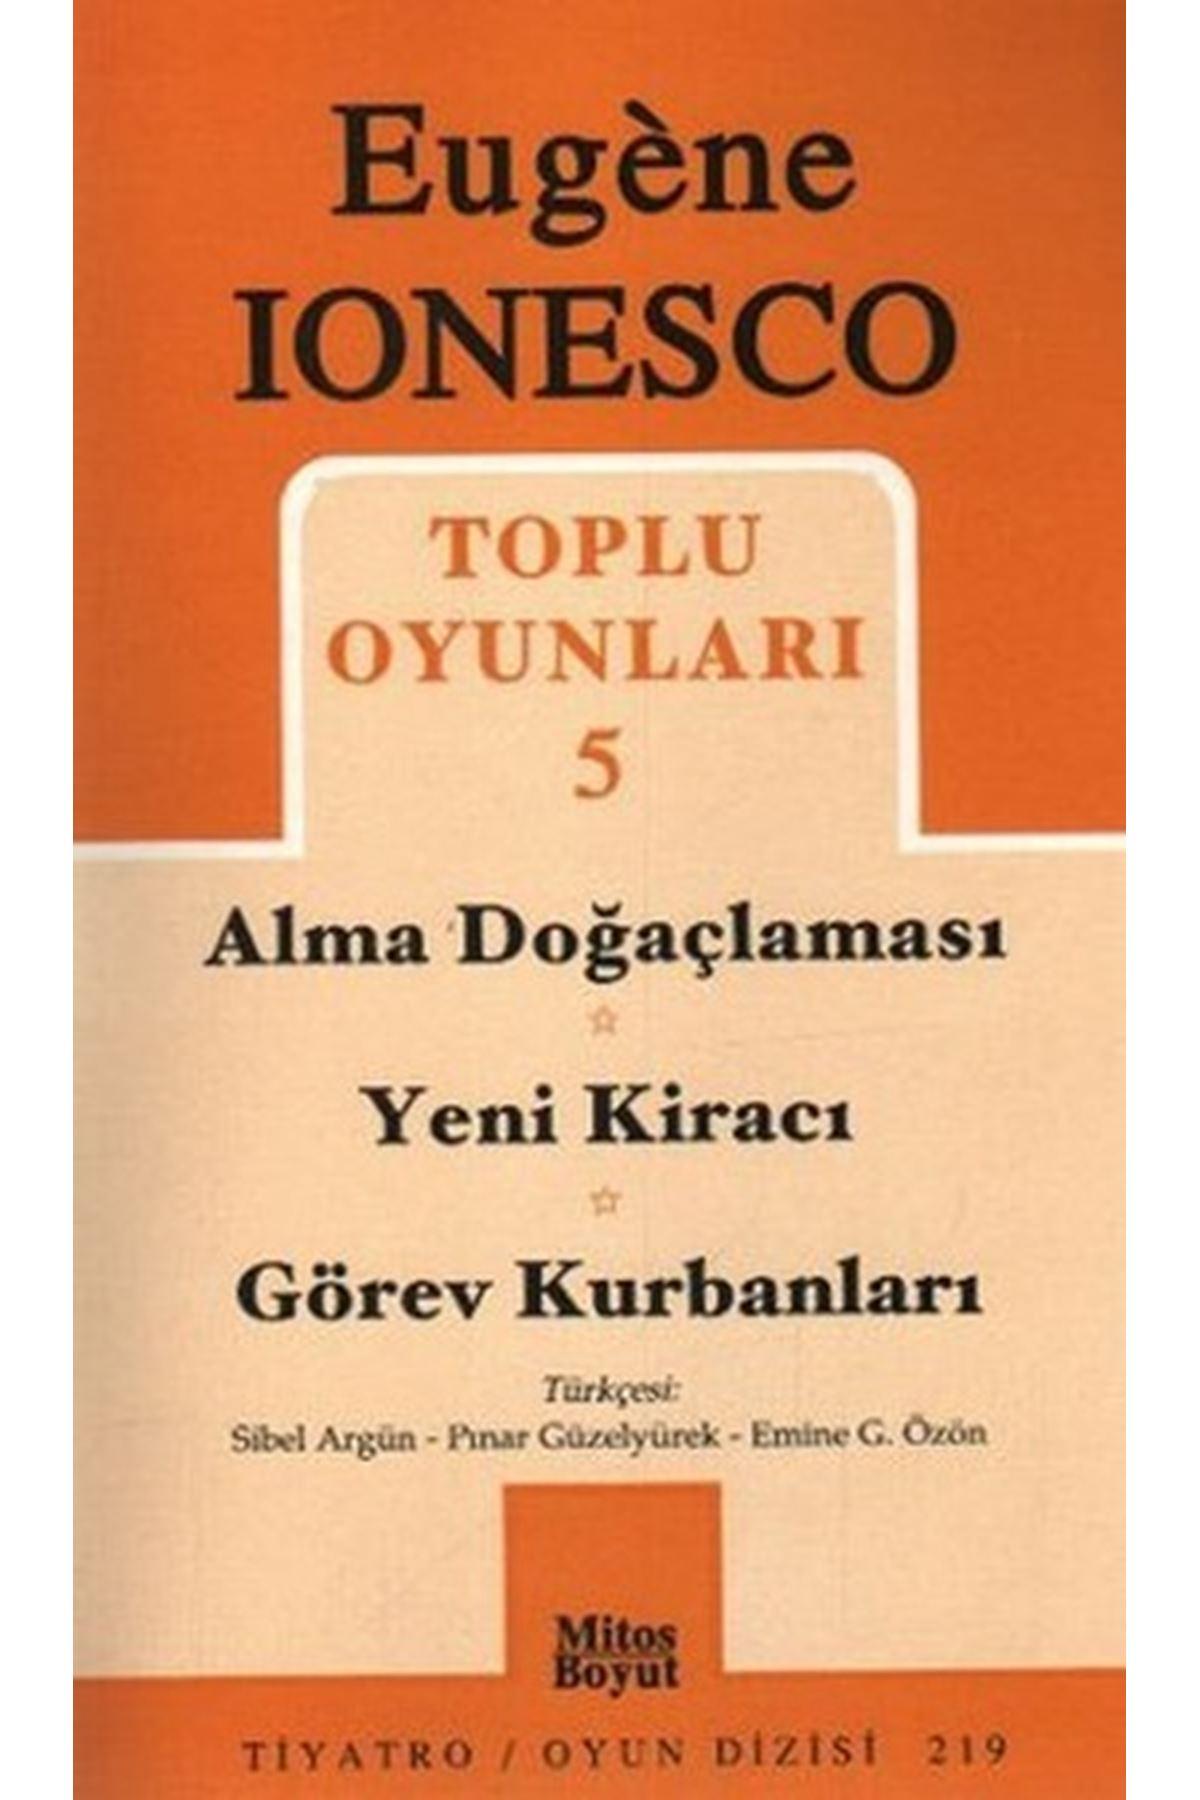 EUGENE IONESCO  - TOPLU OYUNLARI 5